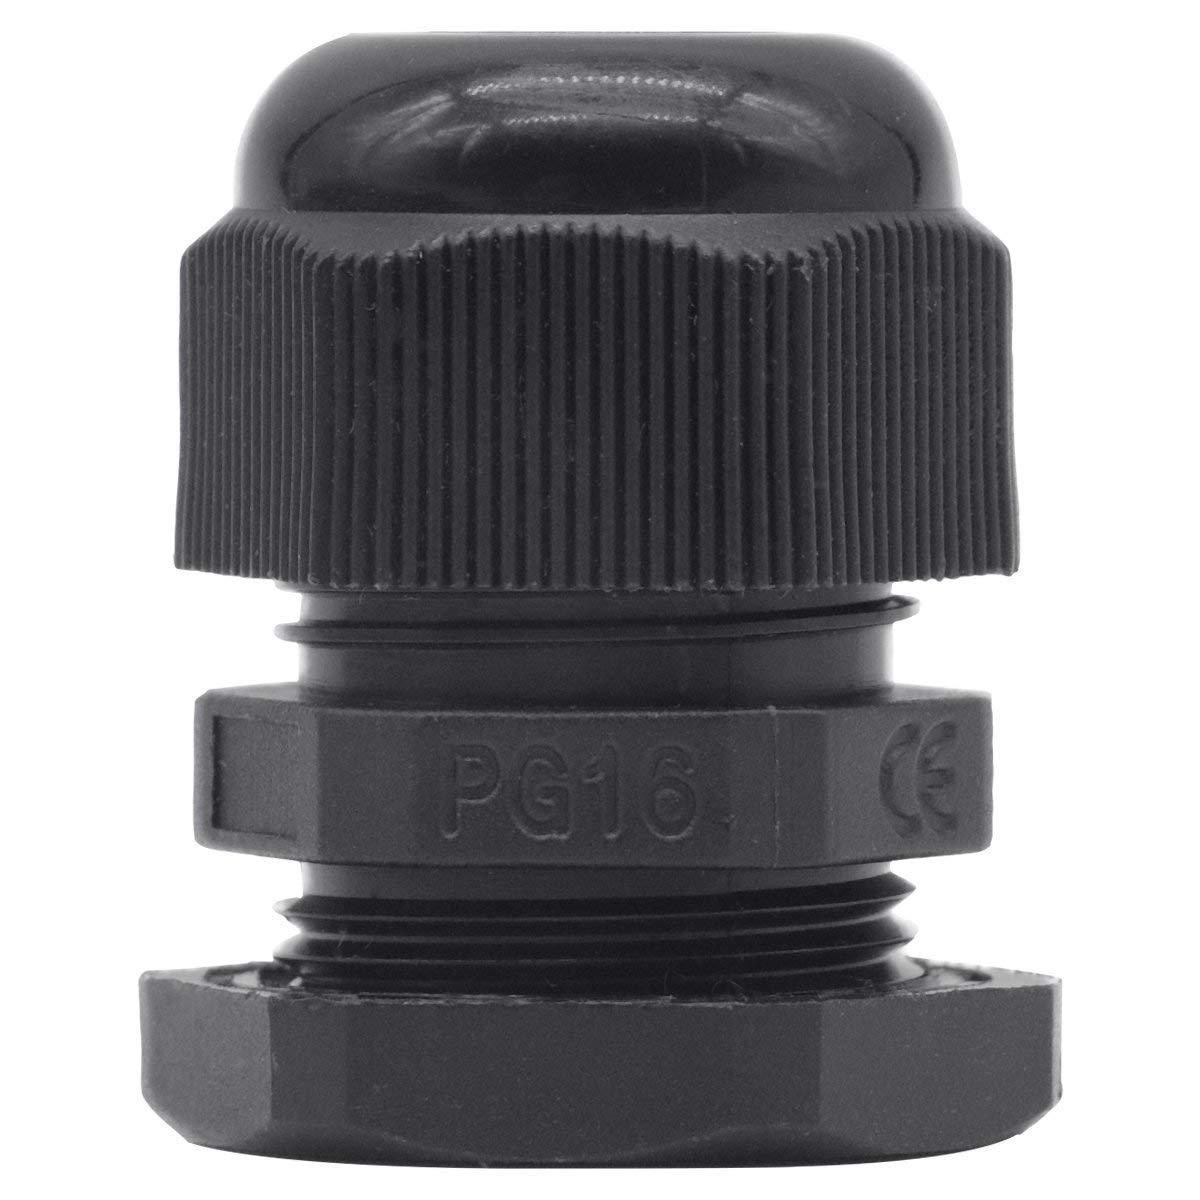 Joints de presse-/étoupe en nylon /étanches PG11 pour connecteurs de fils pour 5 /à 10 mm de fils paquet de 20